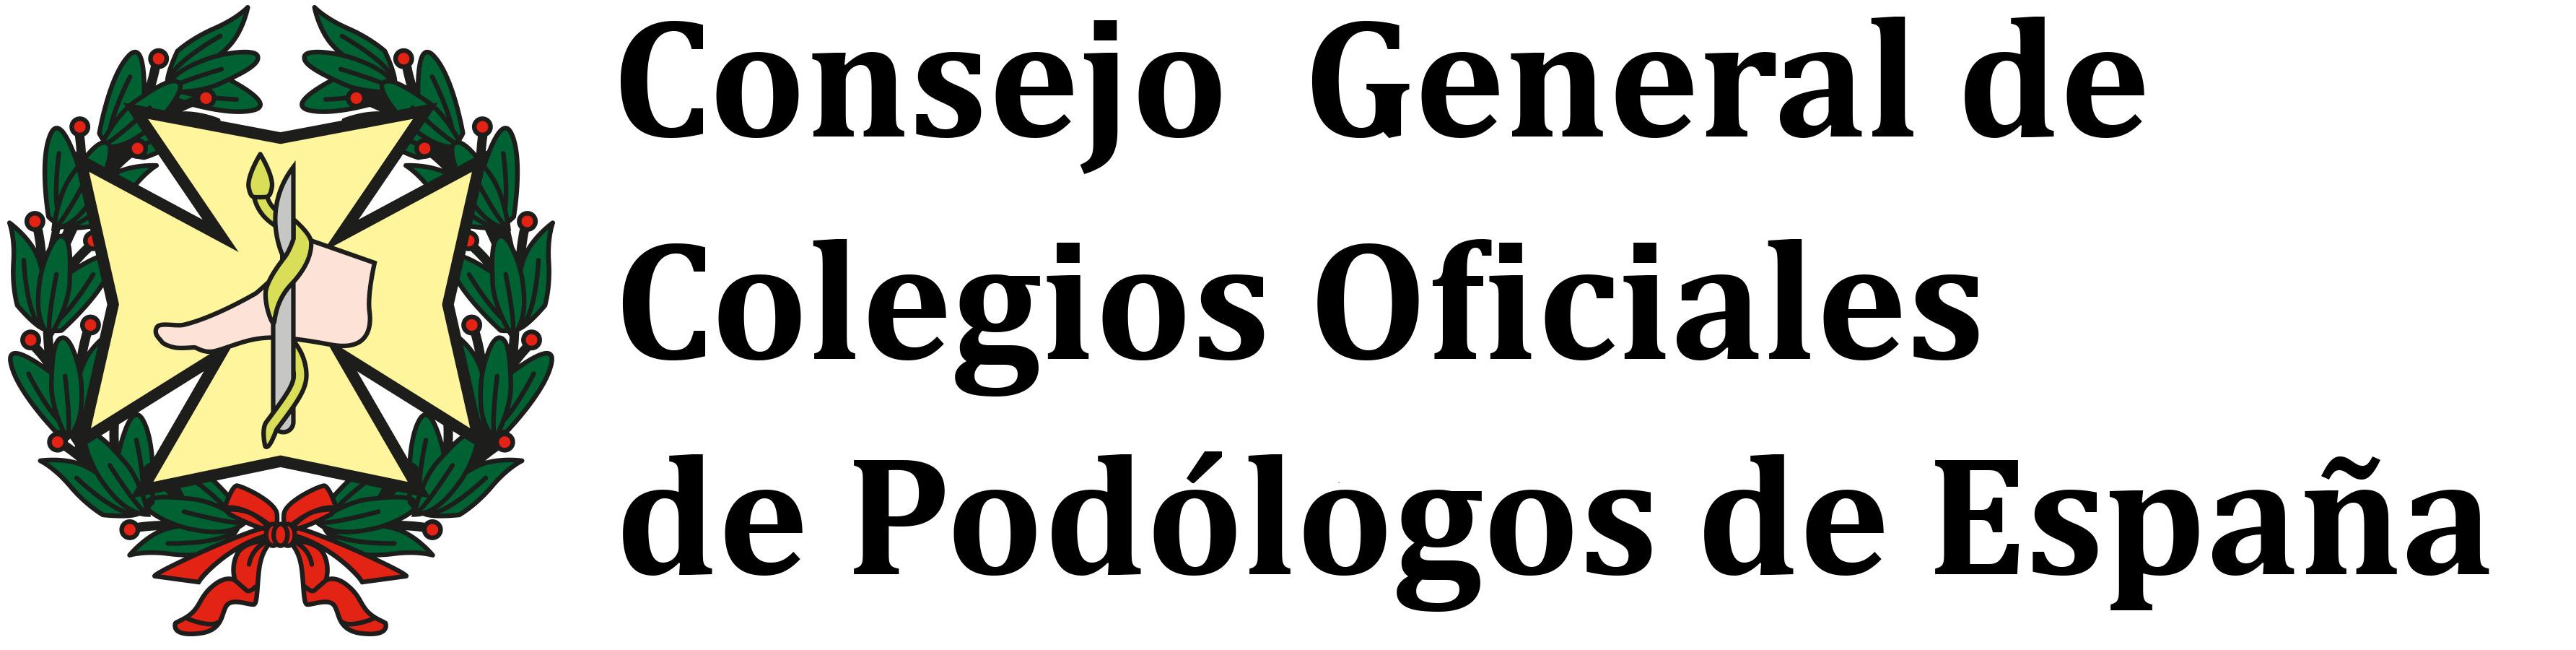 Consejo General de Colegios Oficiales de Podólogos (CGCOP)